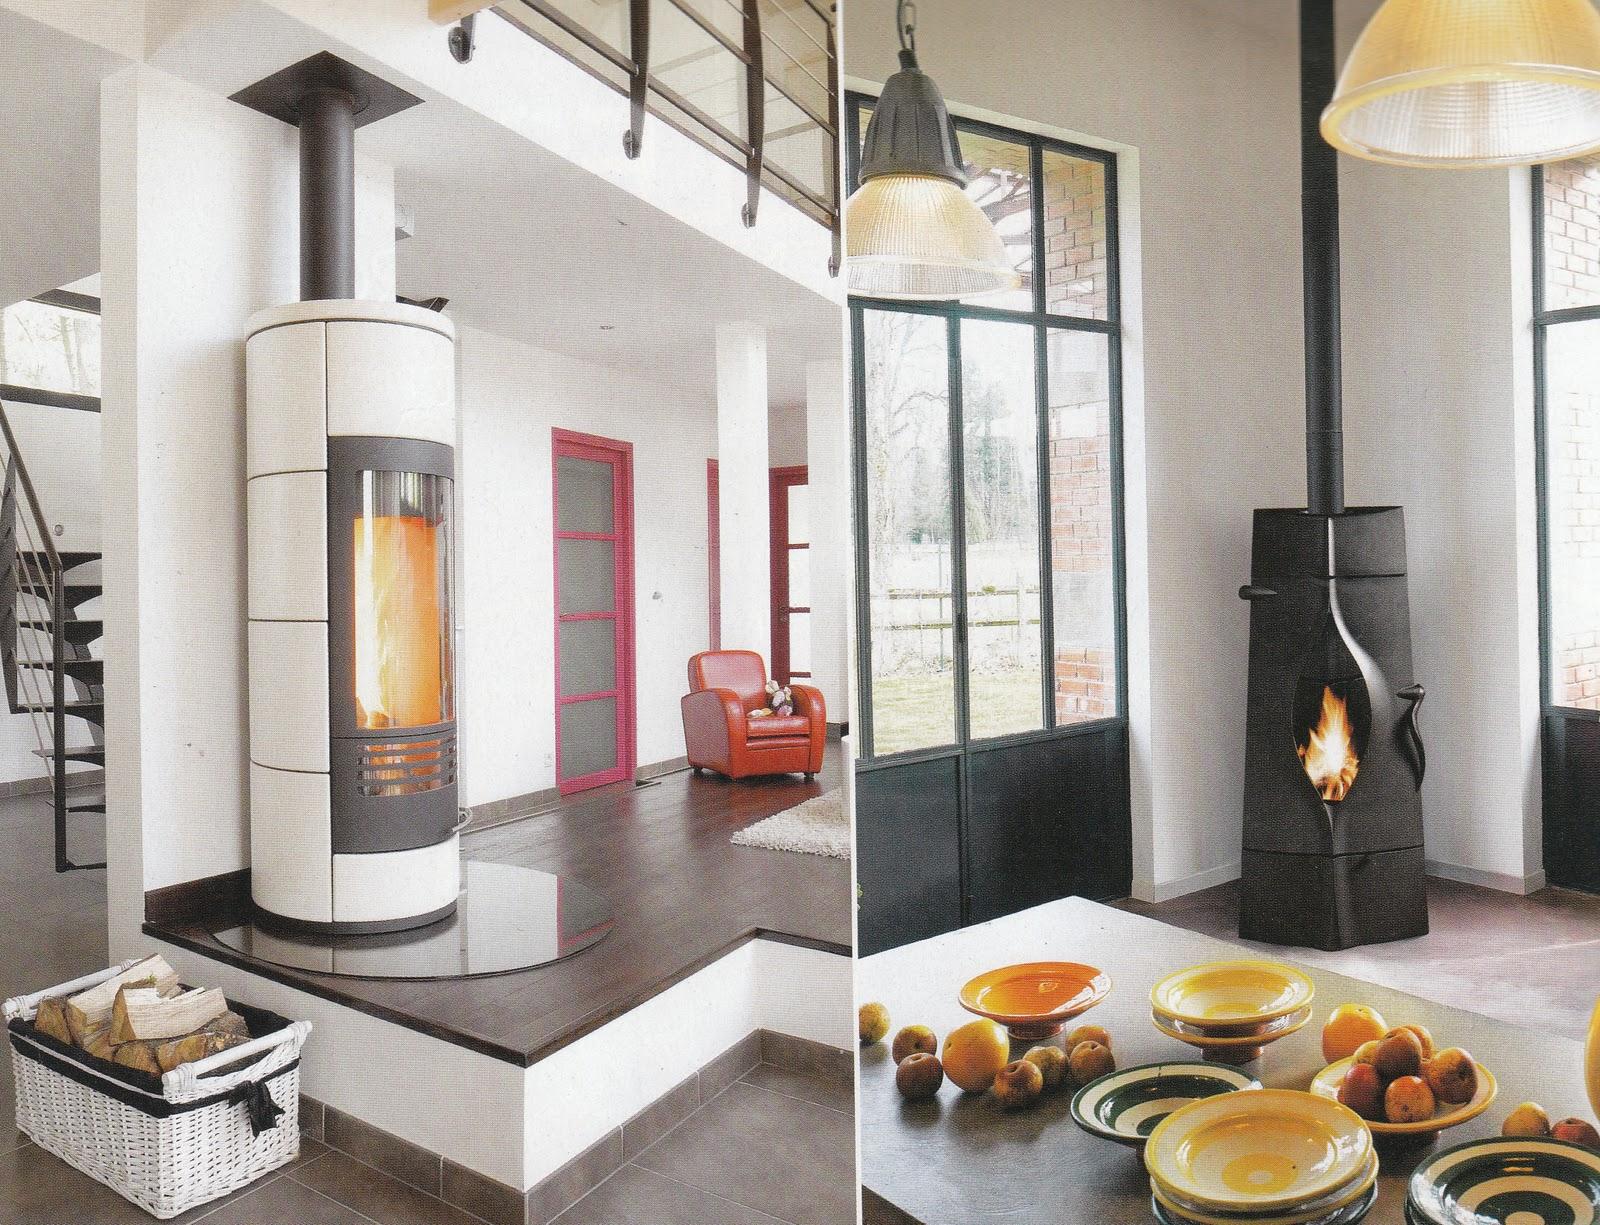 isabelle h d coration et home staging po les bois inspiration. Black Bedroom Furniture Sets. Home Design Ideas